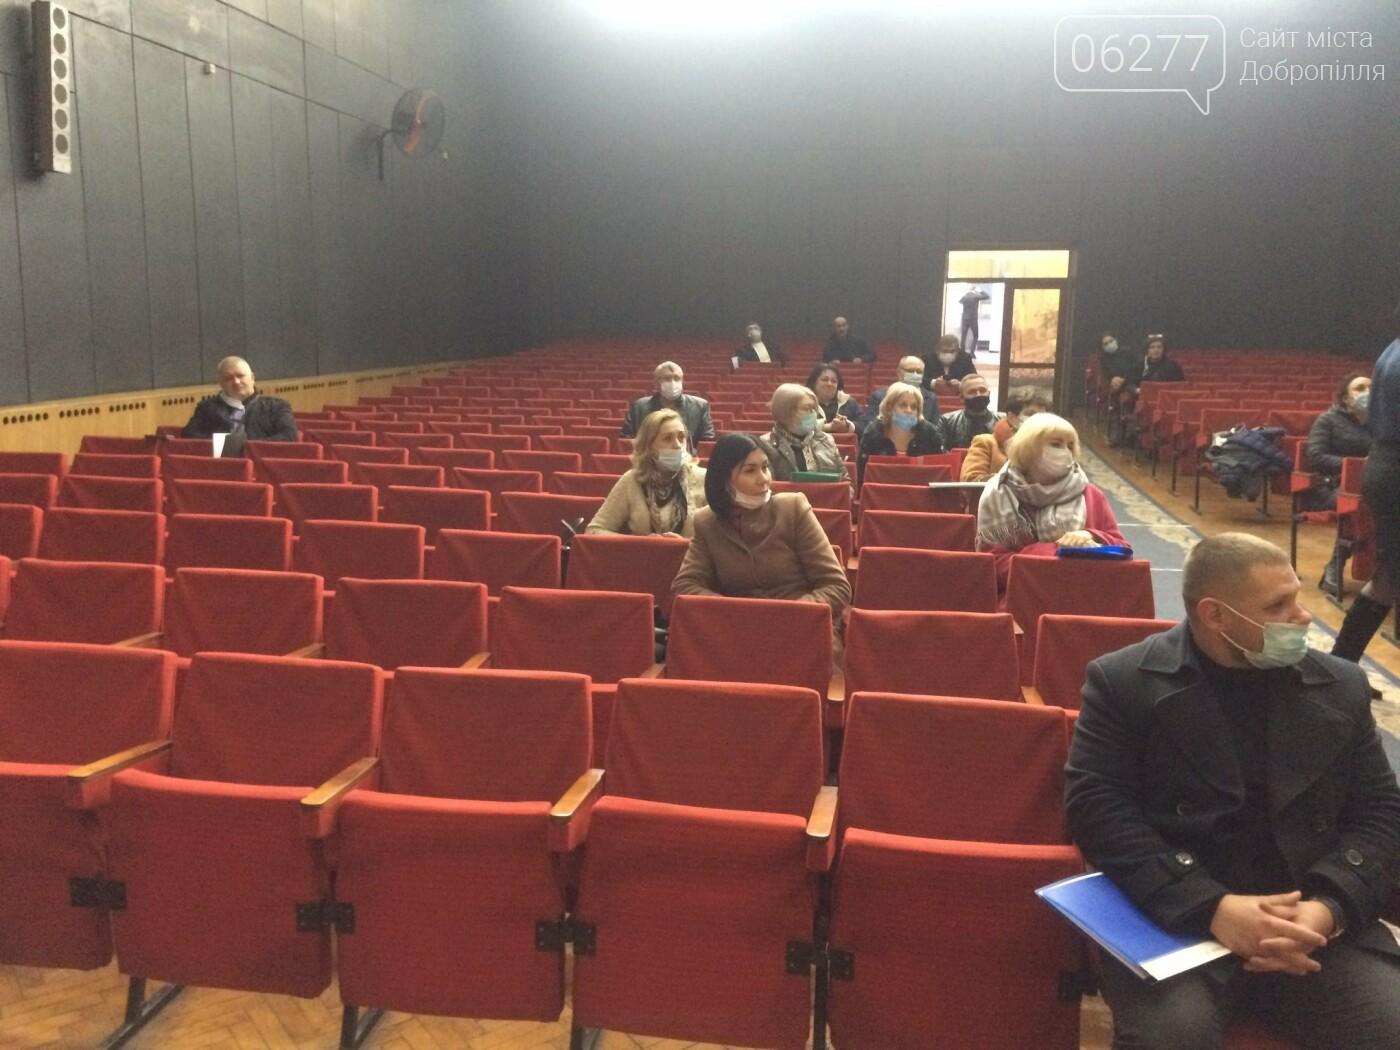 В Доброполье не состоялась сессия городского совета, фото-1